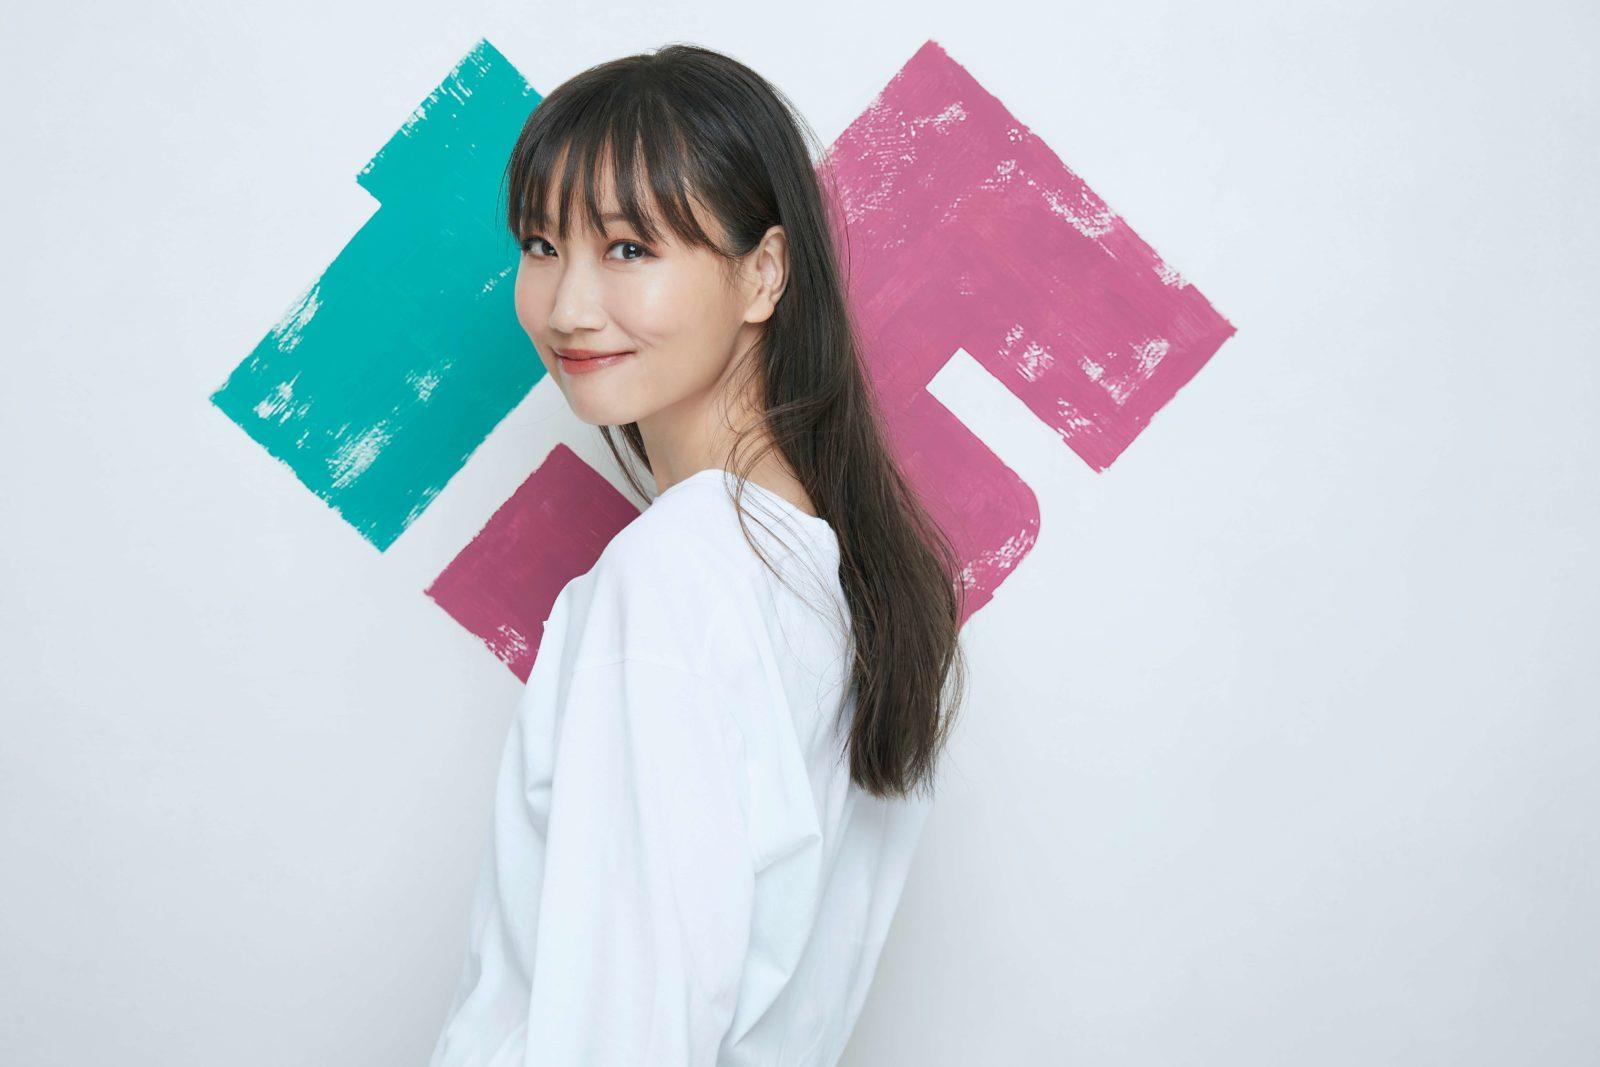 大塚 愛、新曲がTVアニメ「フルーツバスケット」のオープニングテーマに決定サムネイル画像